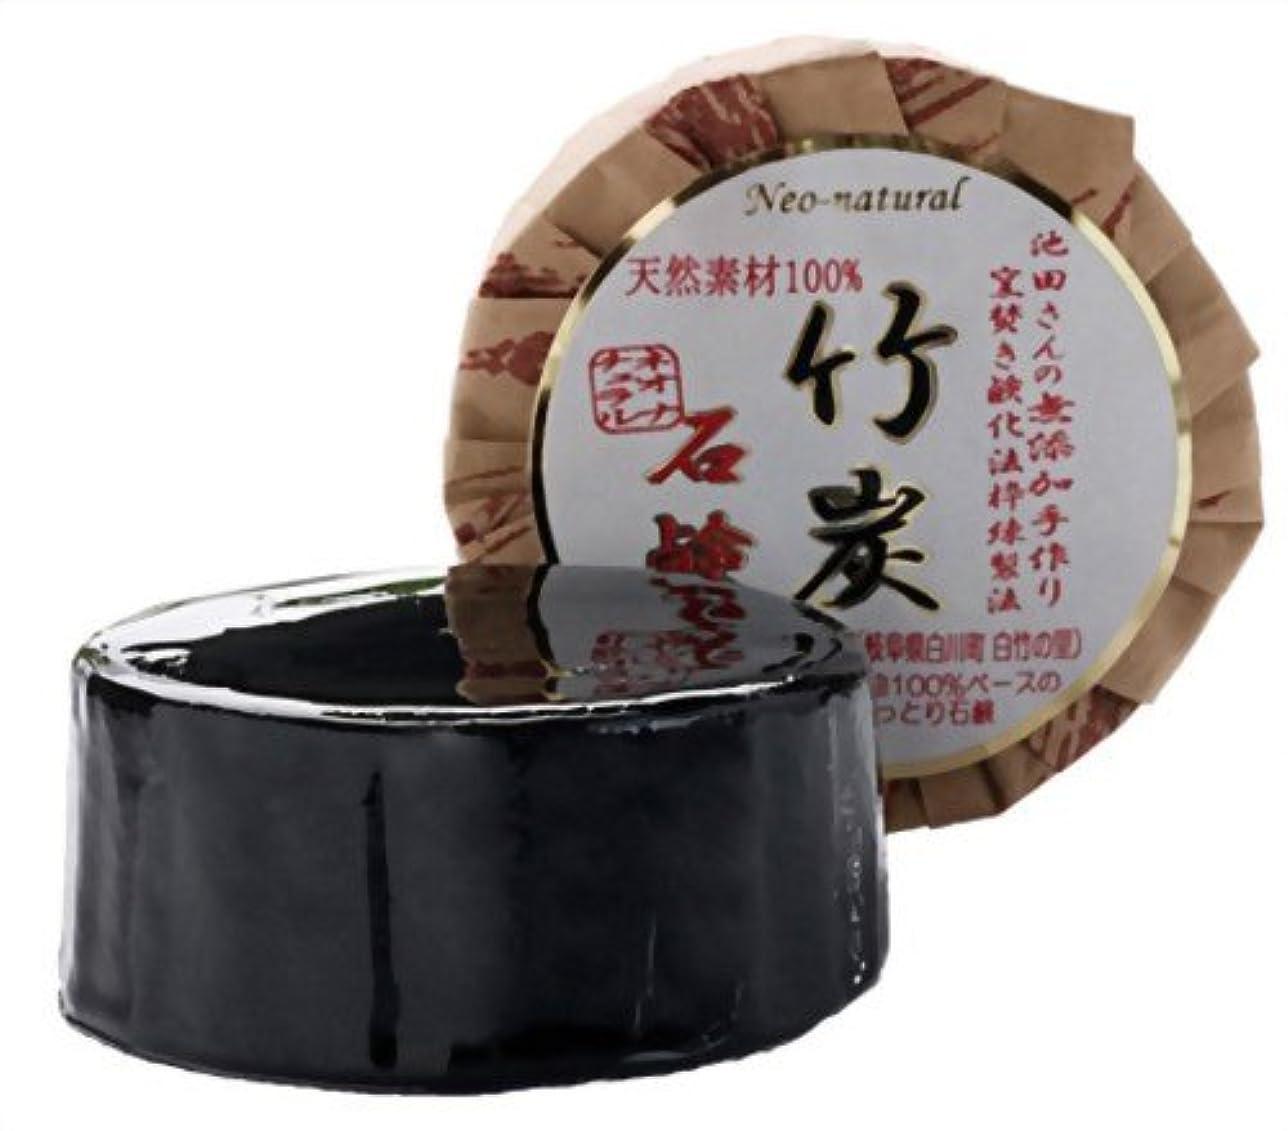 おとこキリマンジャロロールネオナチュラル 池田さんの竹炭石鹸 105g